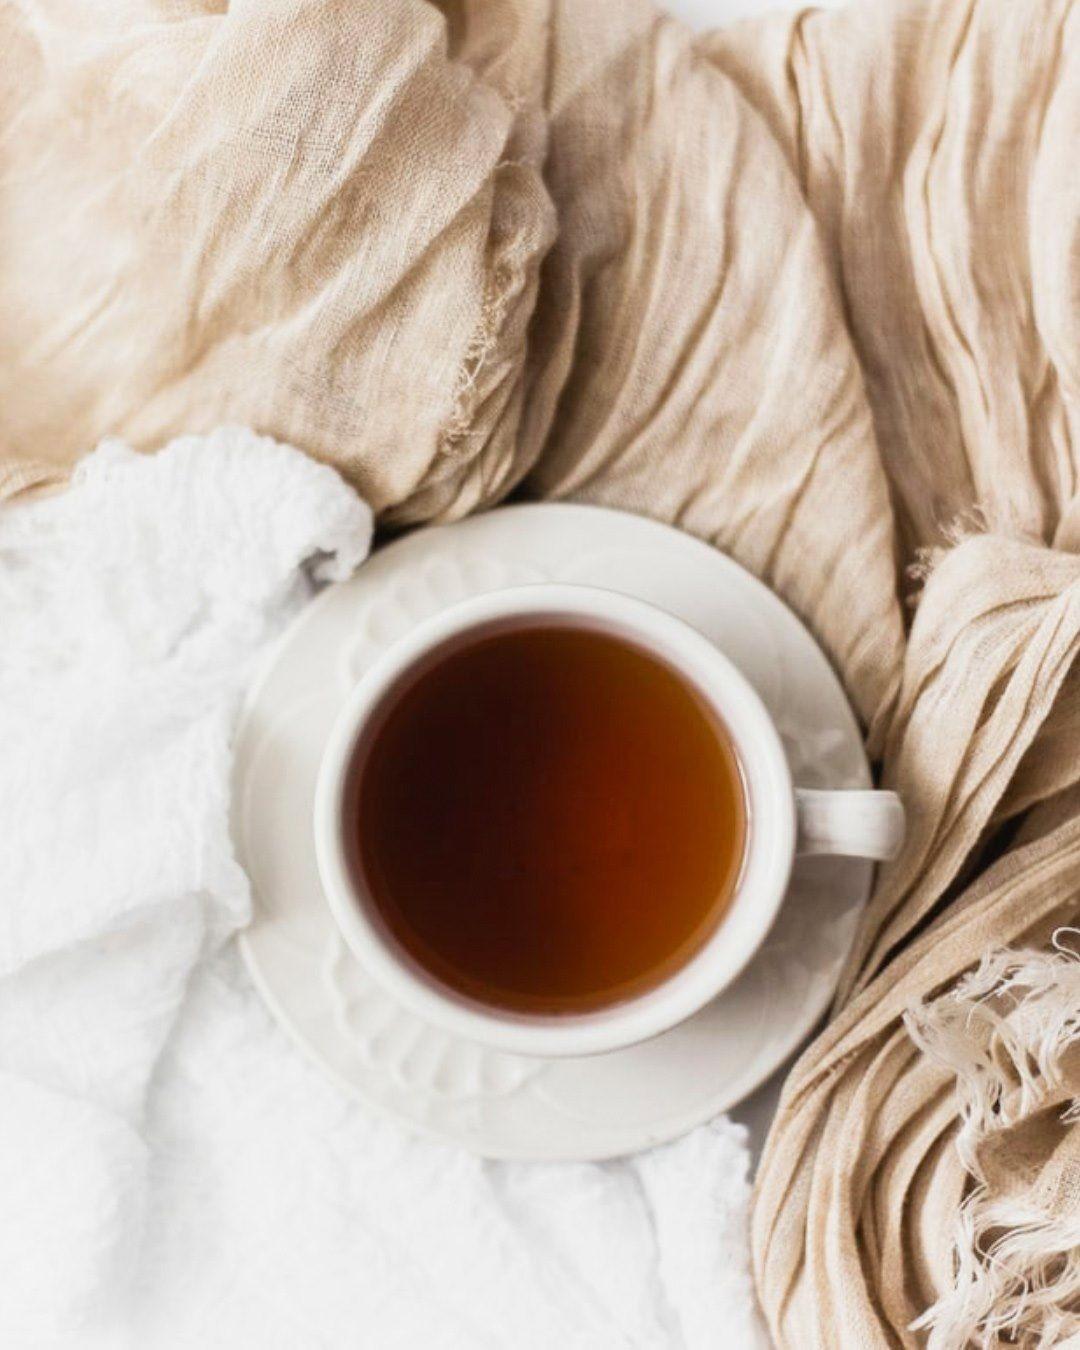 Wieczorny vibe. #tea #teatime #tealover #teaaddict #teashop #teagram #tealovers #tealove #teaholic #tealife #teaoftheday #teacup #coffeetable #teaporn #teahouse #teasesh #teashot #teaoftheday #tealife #cupsinframe #butfirsttea #teamovement #teabreak #teaonly #teacuplove #teaandseasons